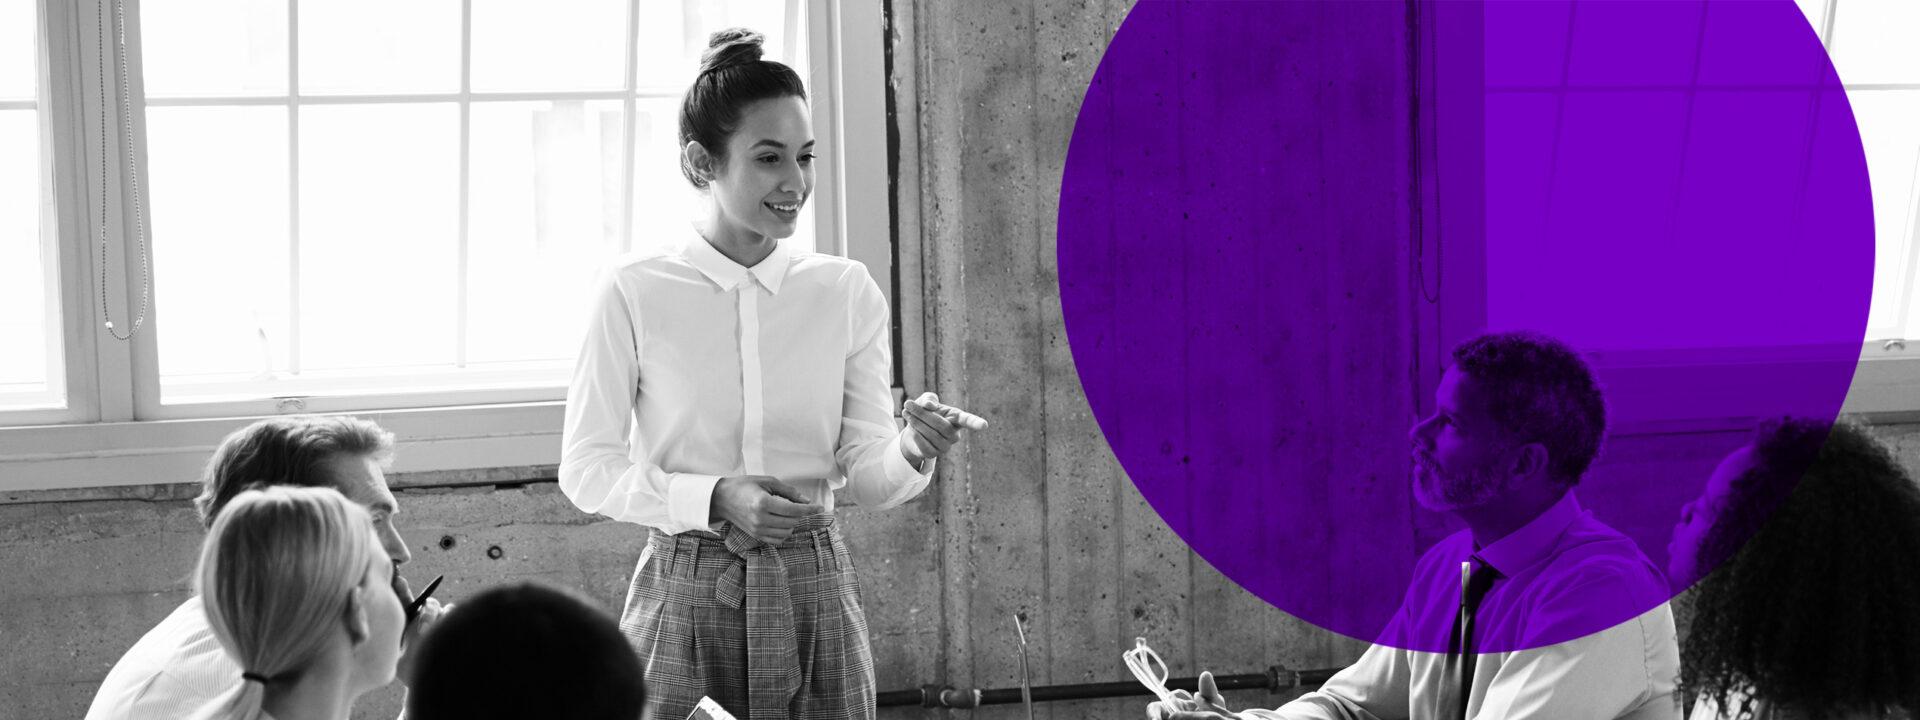 Workshop für Unternehmen, Führungskräfte und Teams - Frauen in Führung